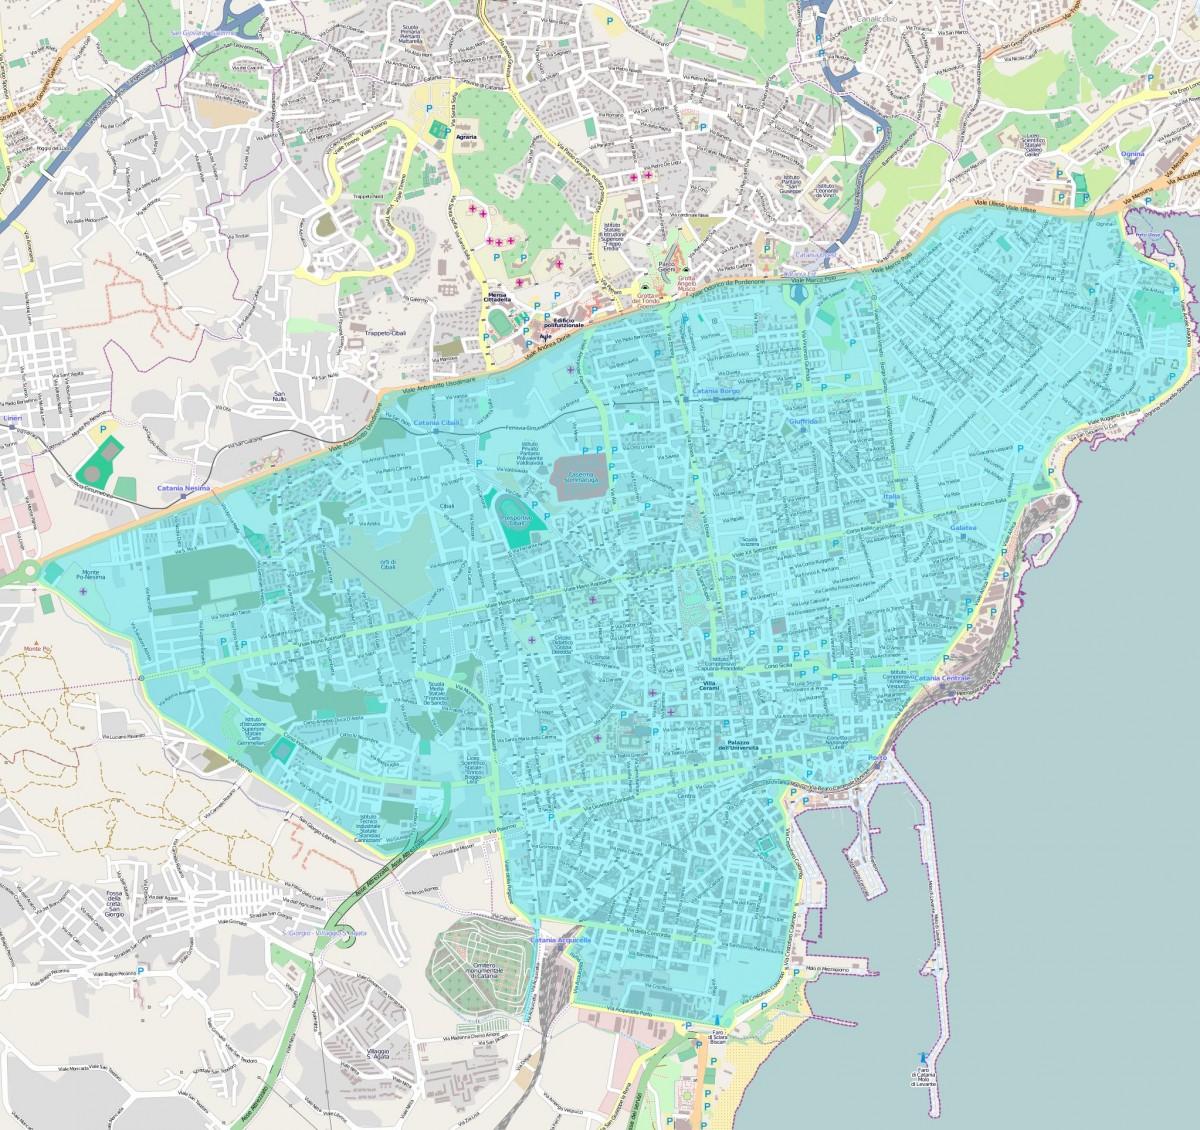 Area in cui sarà valida la tariffa di 10 euro